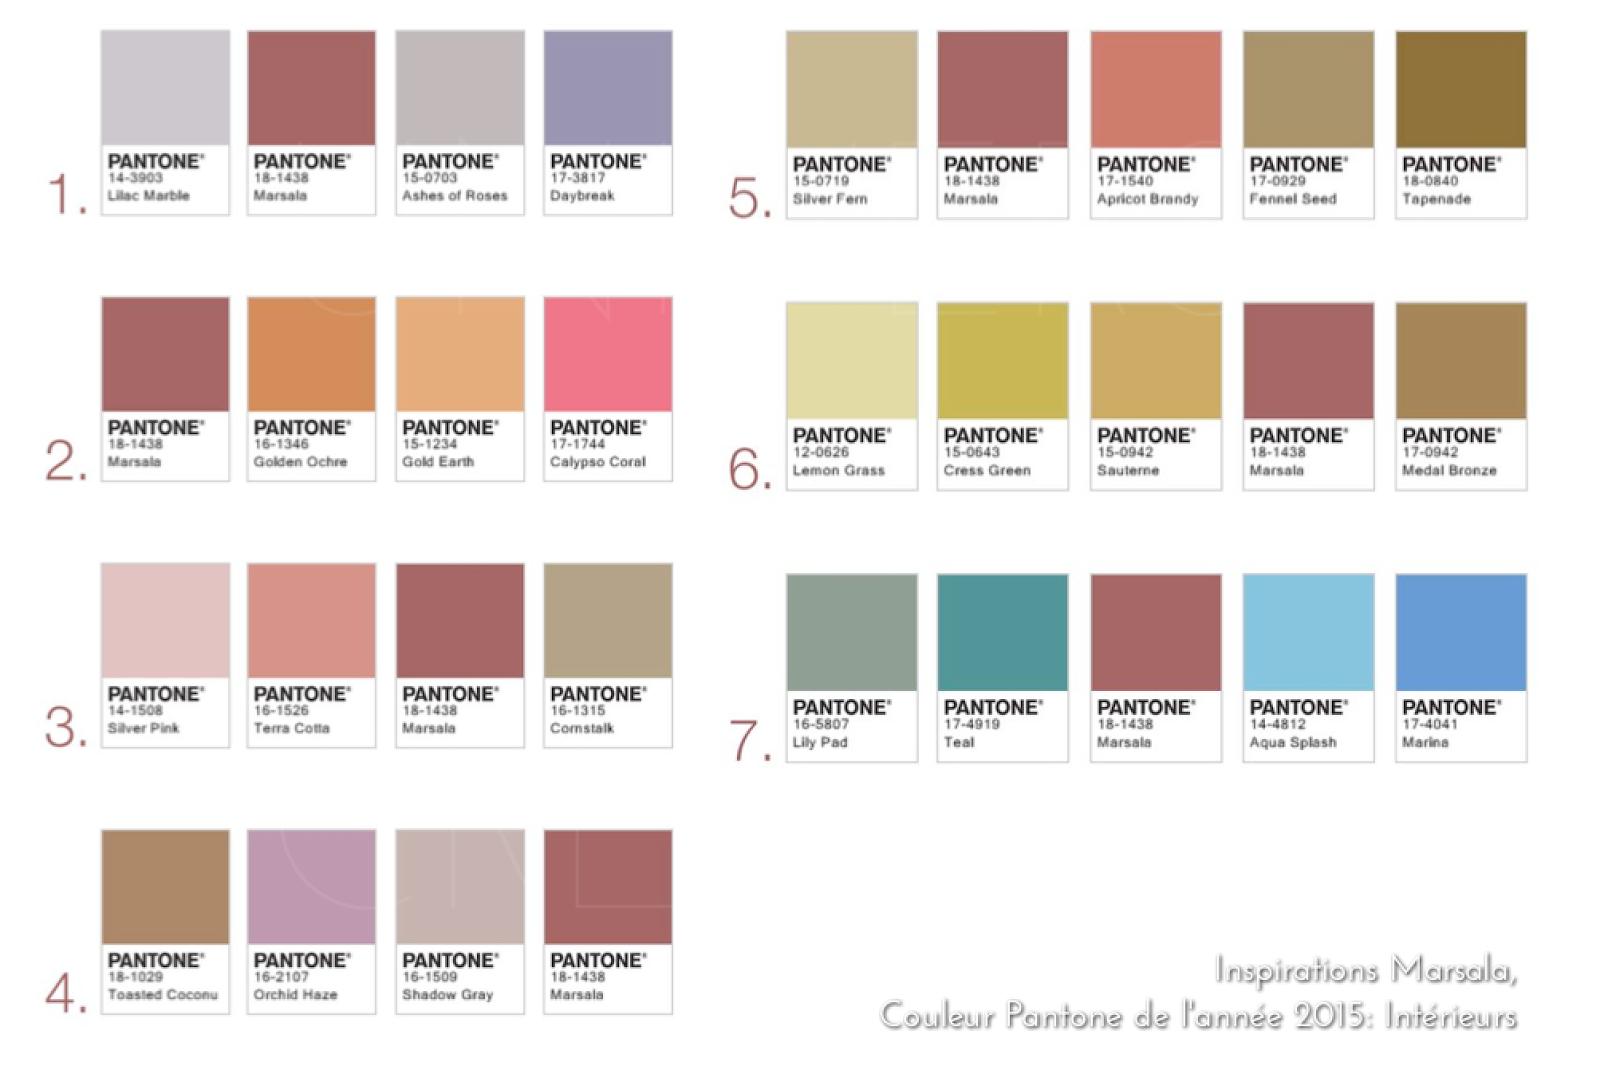 Univers creatifs inspirations marsala couleur pantone de l 39 ann e 2015 - Pantone couleur de l annee ...